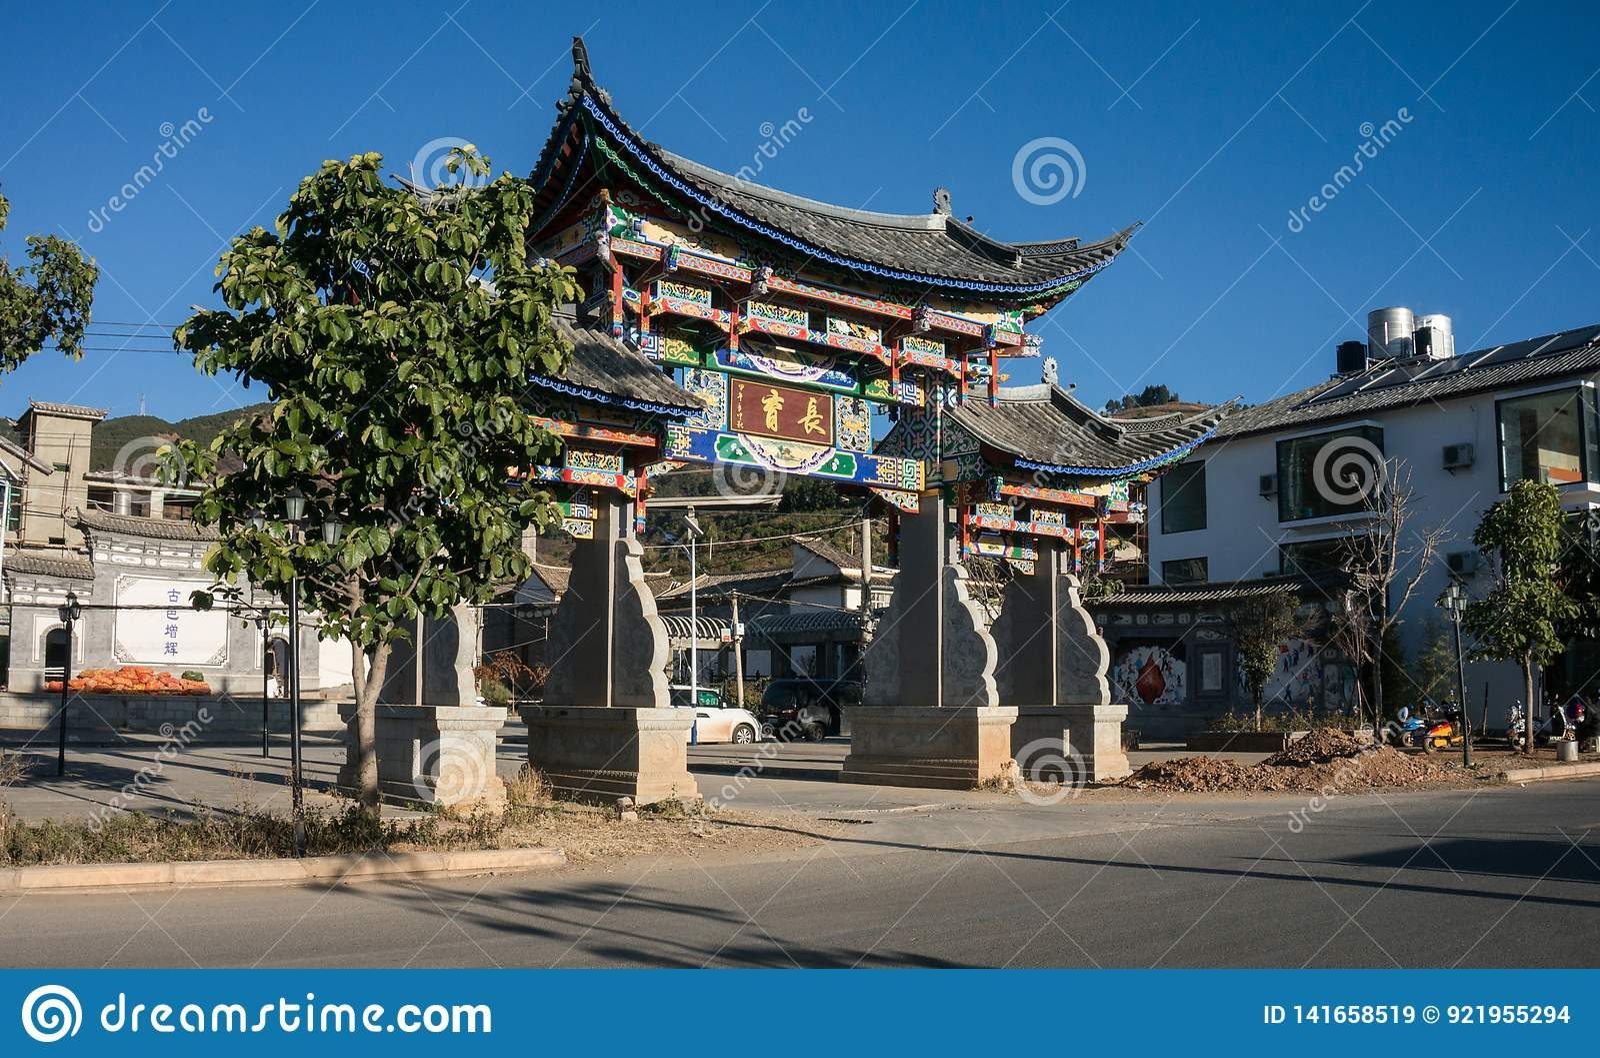 Village gate archway